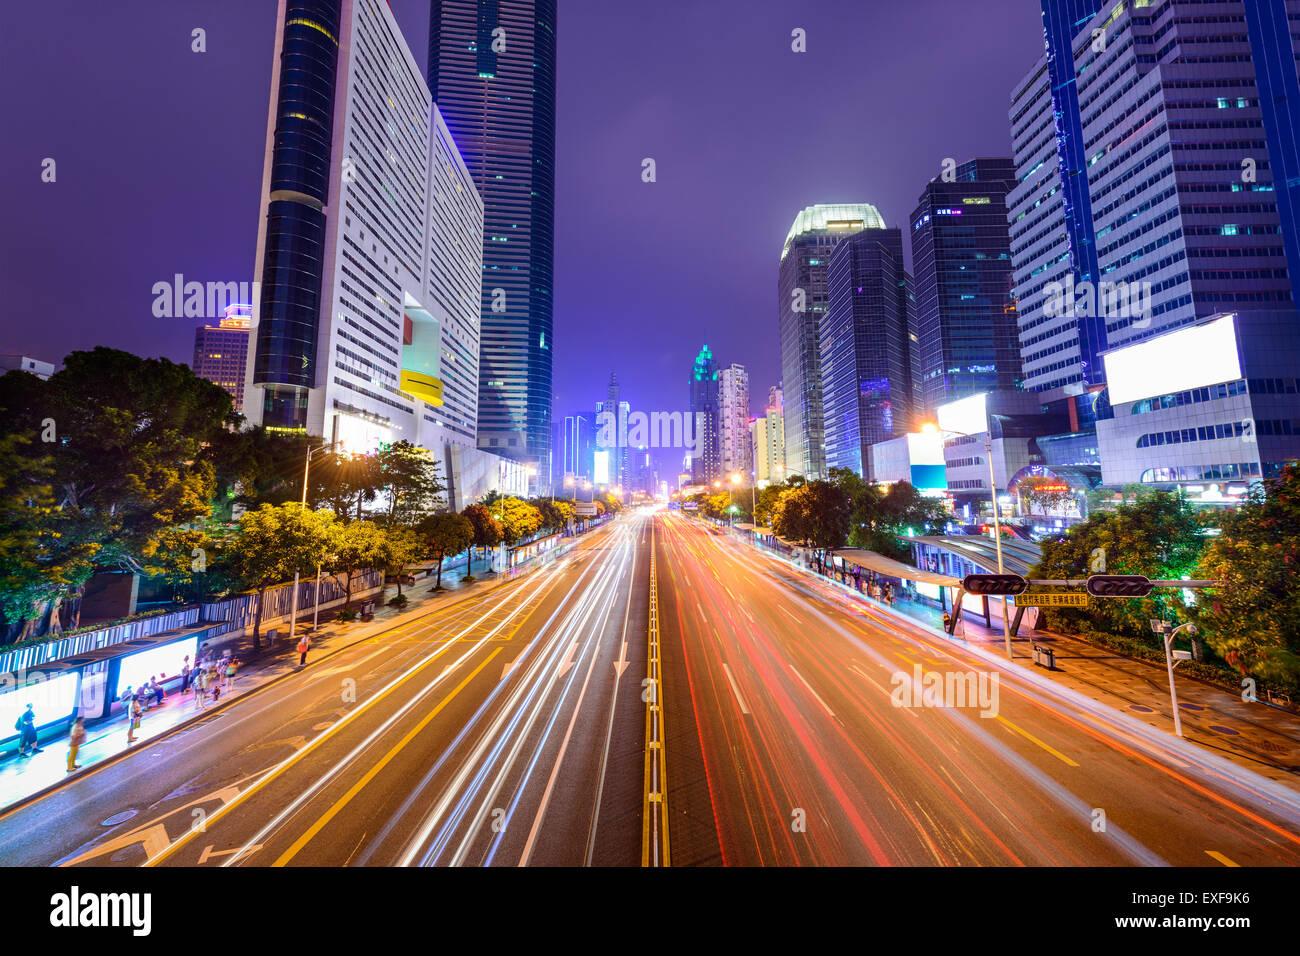 Die Innenstadt von Shenzhen, China Stadtbild. Stockbild